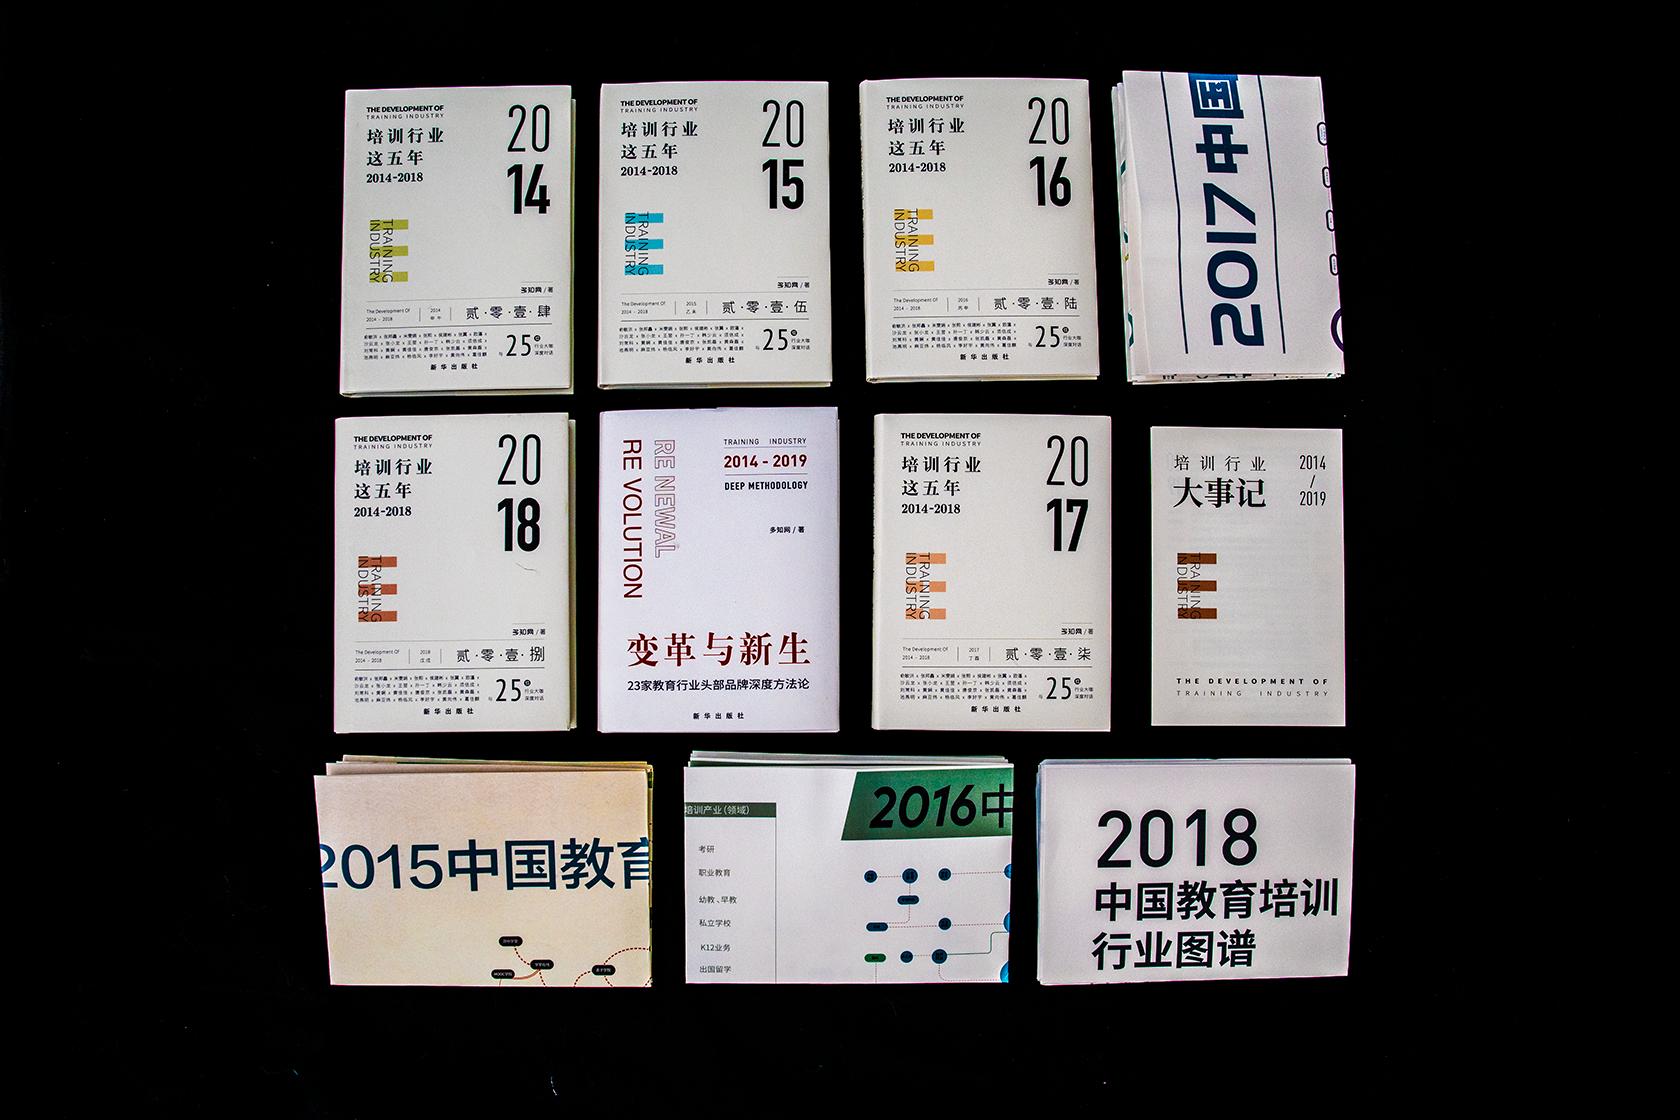 五年合集套装(培行14-18+变革+图谱) 商品图4